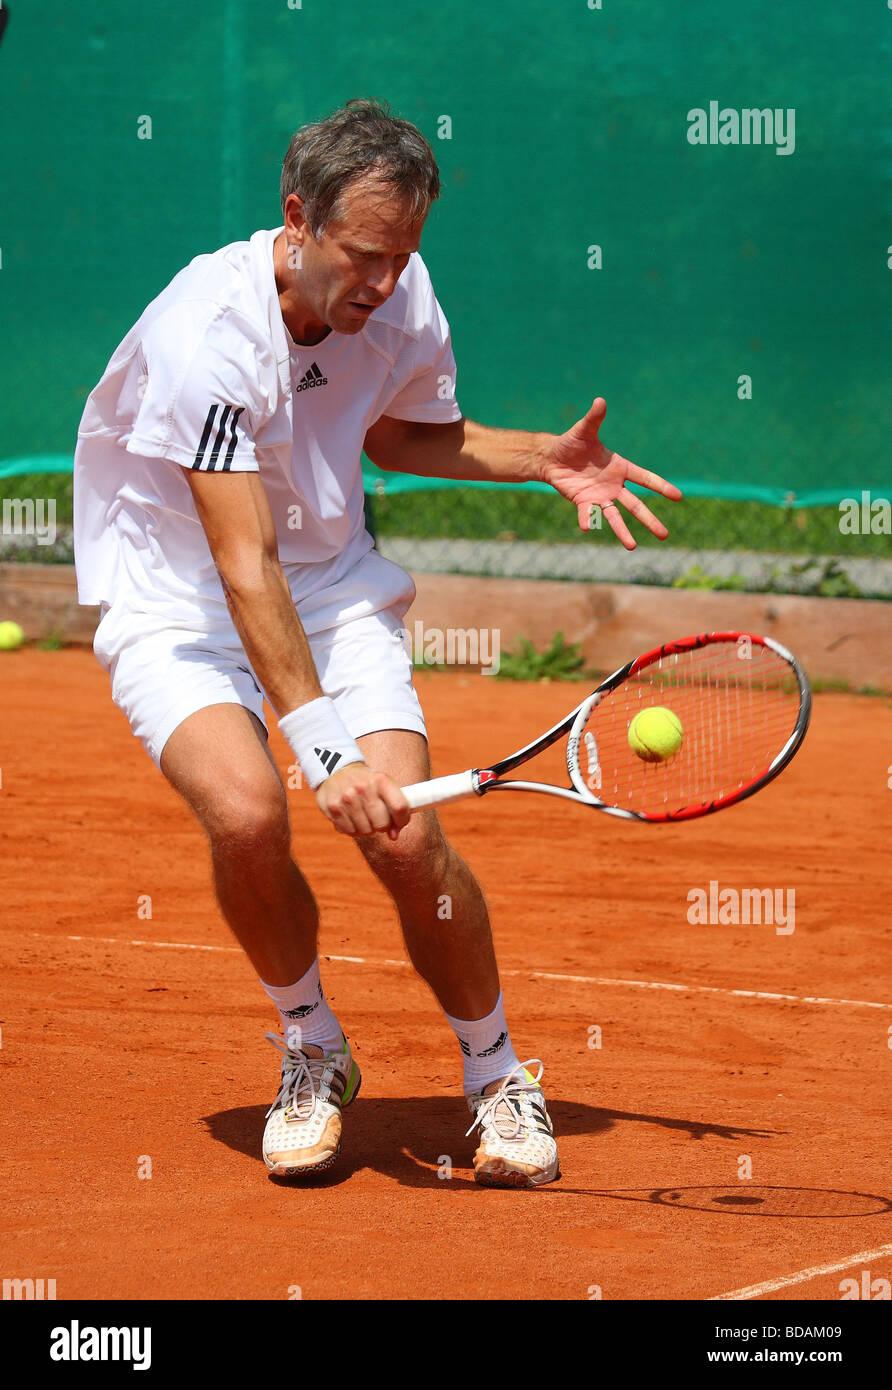 Anciano jugando un escrito en un torneo de tenis Imagen De Stock